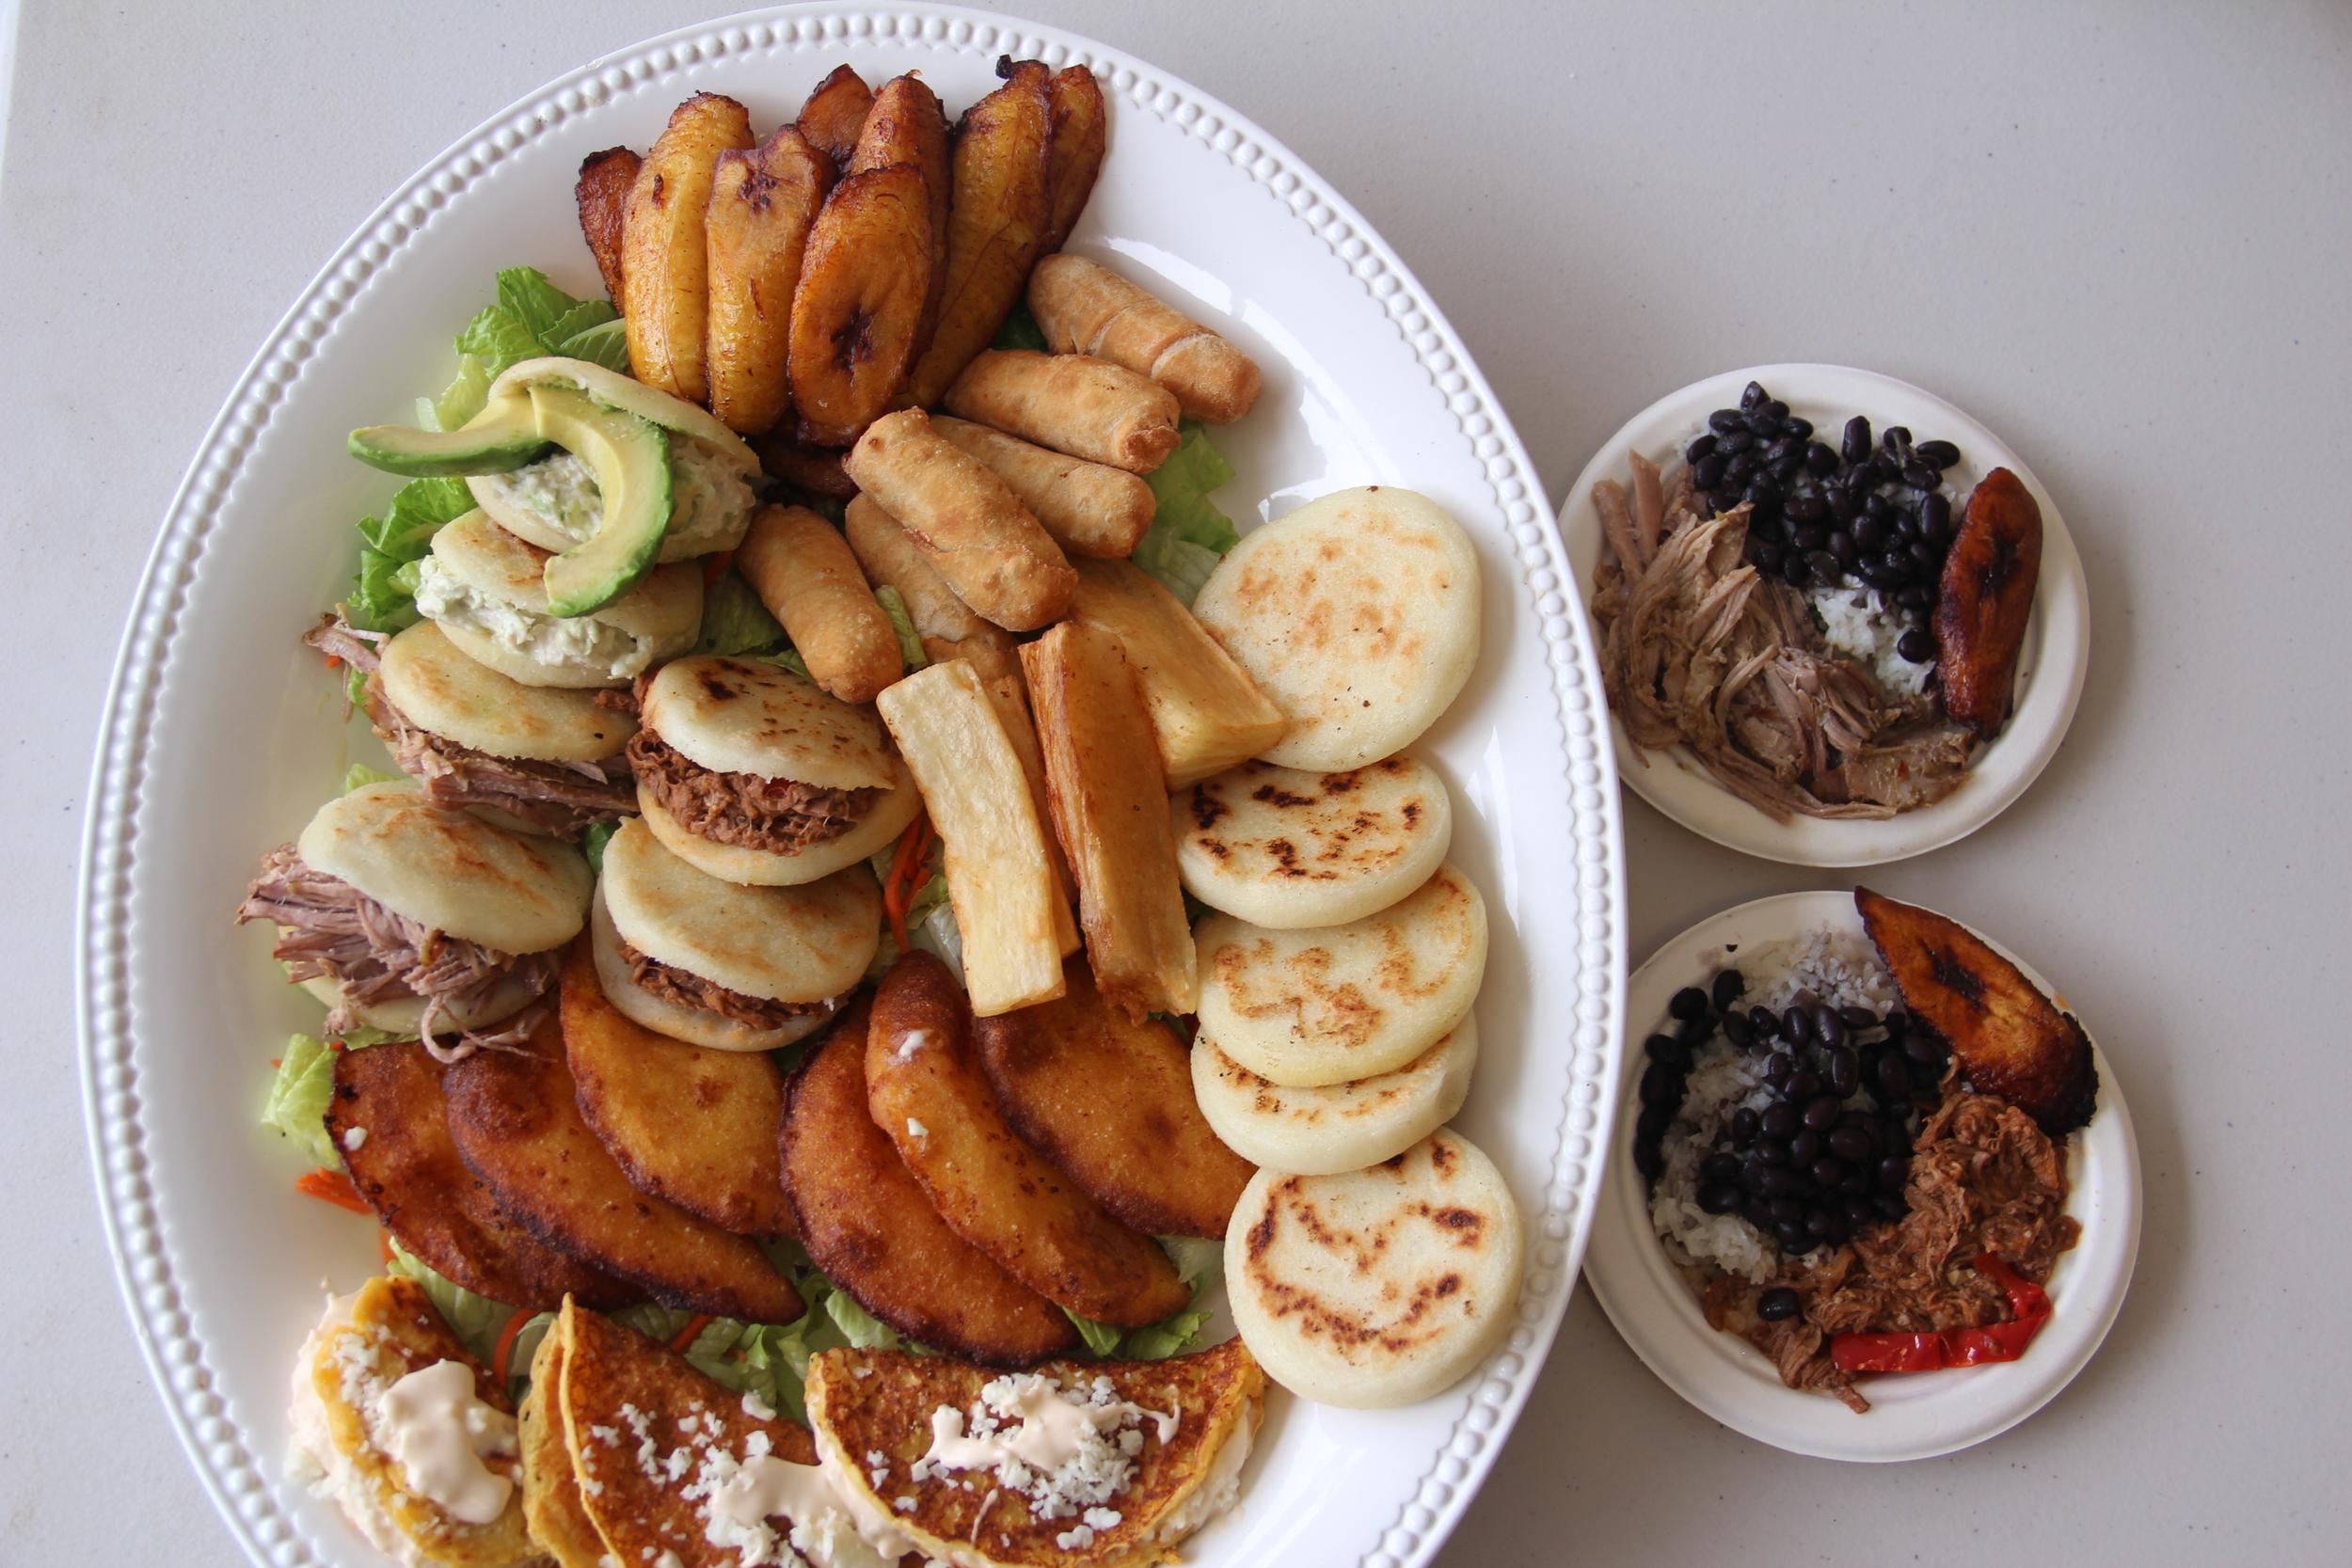 El Porton (Venezuelan food), KCMO